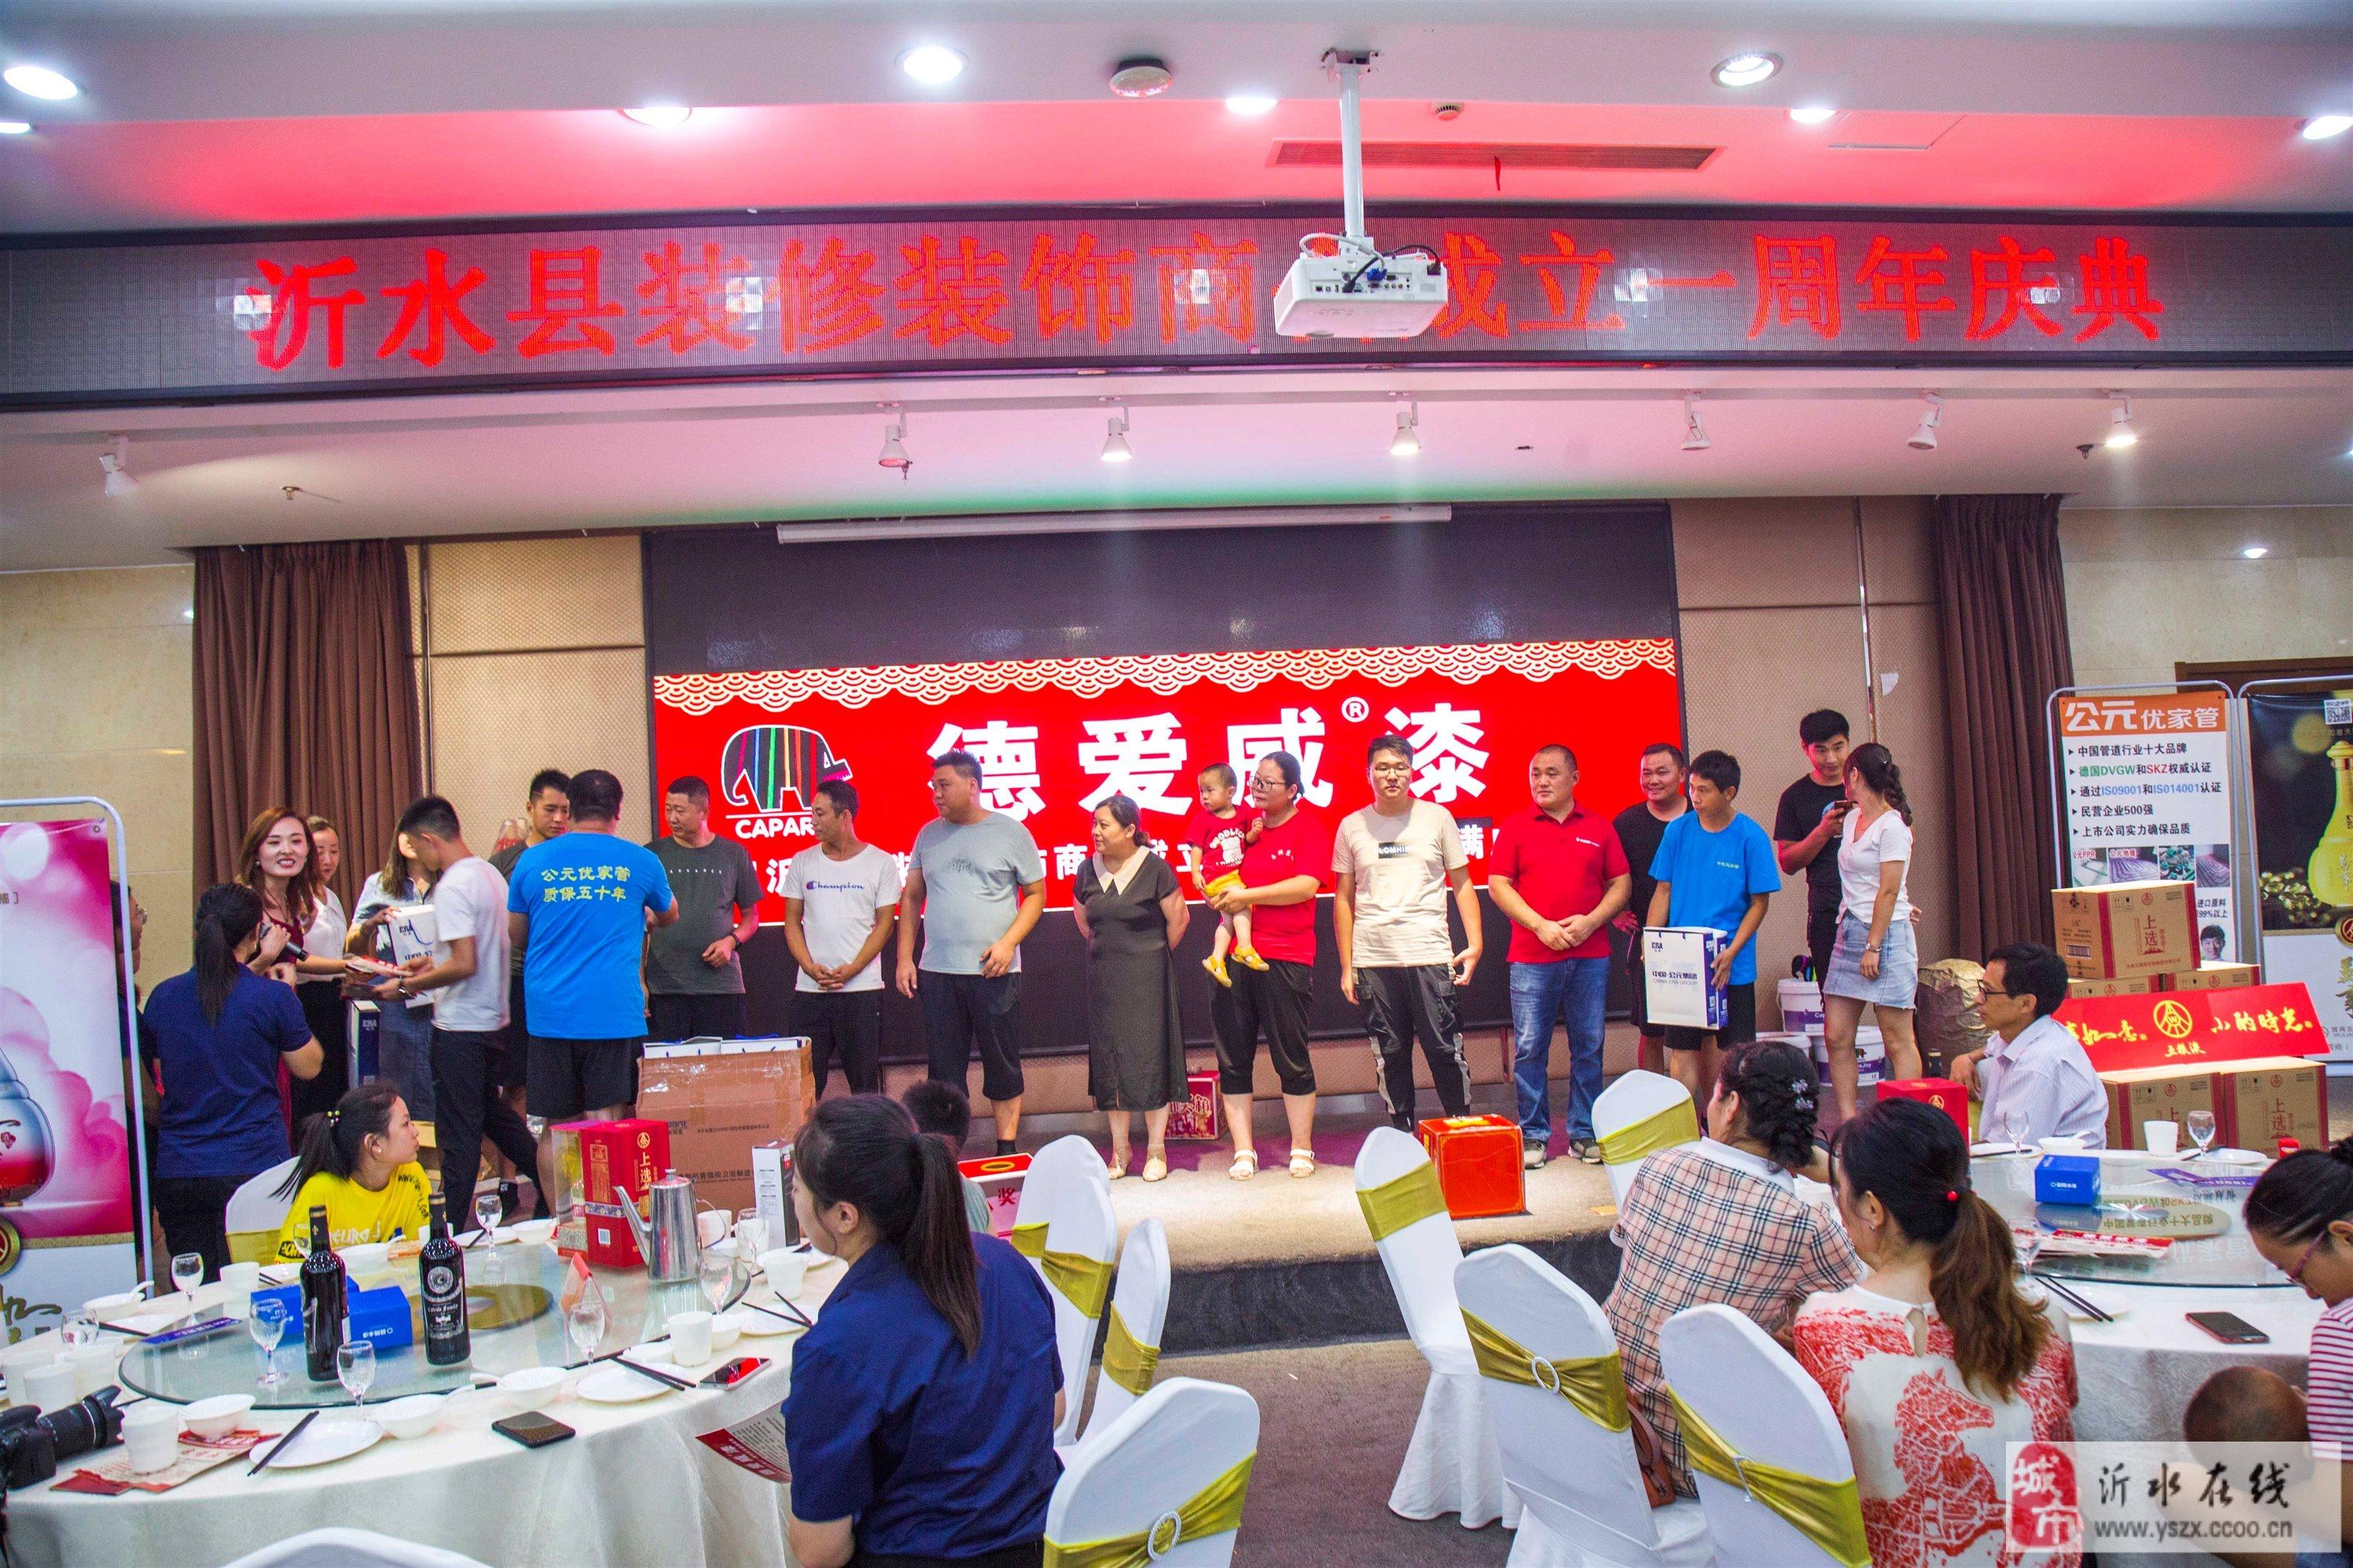 沂水县装修装饰商会隆重举行成立一周年庆典大会